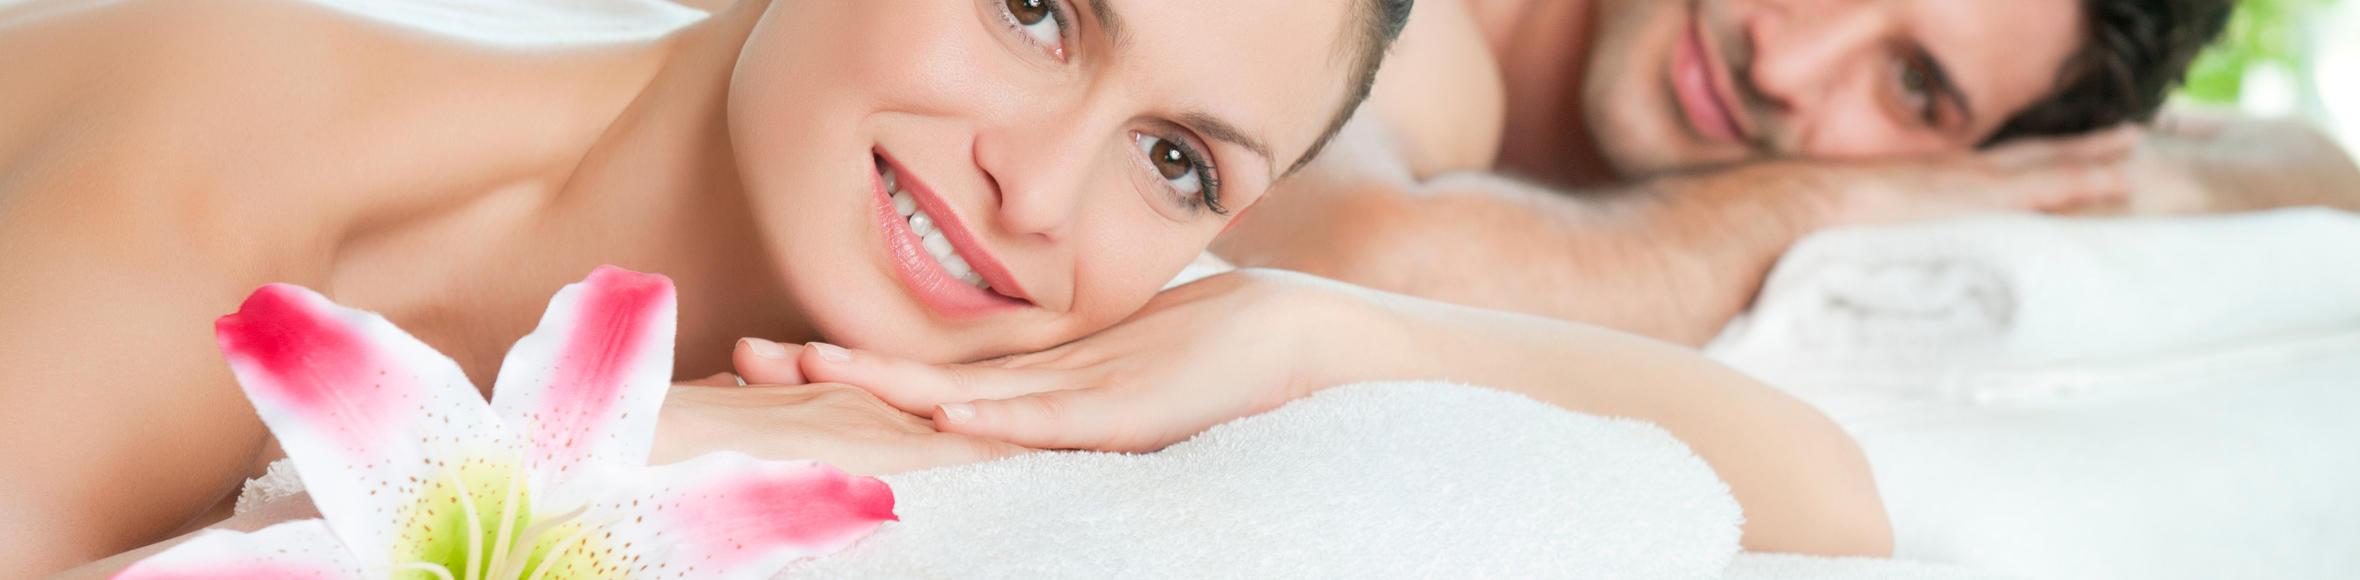 Medizinische Massage - Praxis Edelweiss